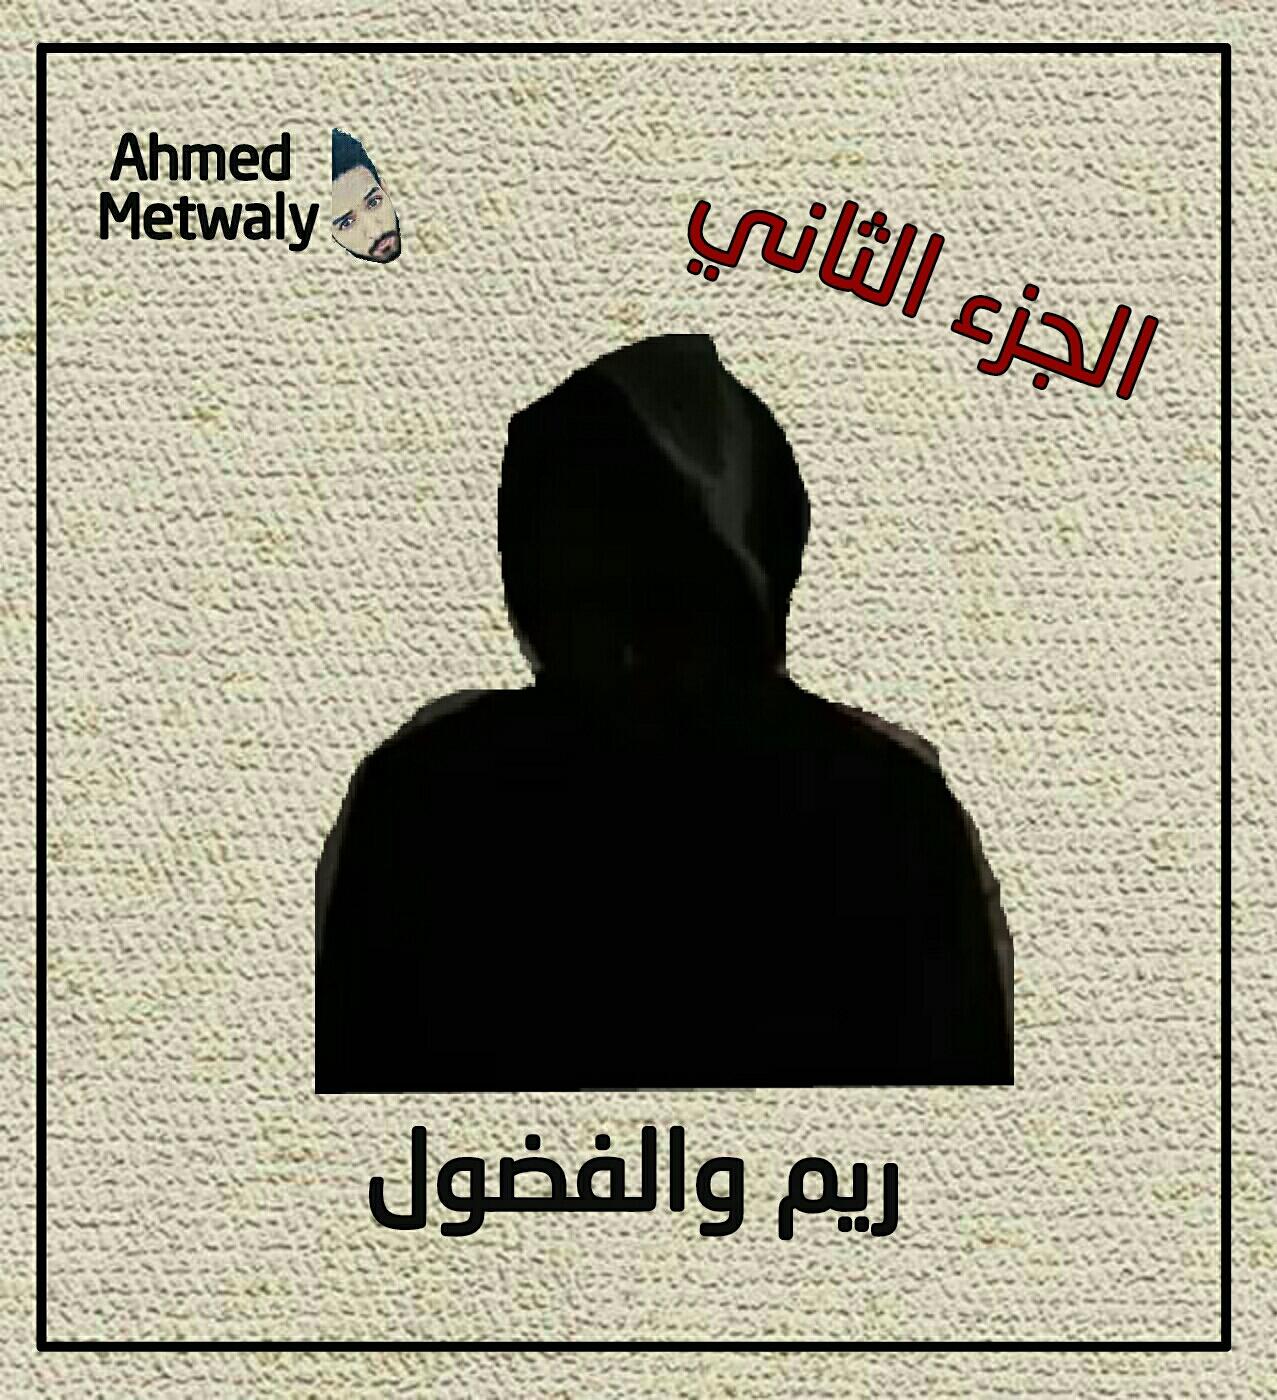 قصة رعب خيالية،قصص كتابه رعب،قصص رعب واقعية،روايات رعب عربية،قصص حقيقيه مرعبه،قصص رعب خياليه،قصة قصيرة مخيفة،قصص رعب قصيرة،قصه مرعبه